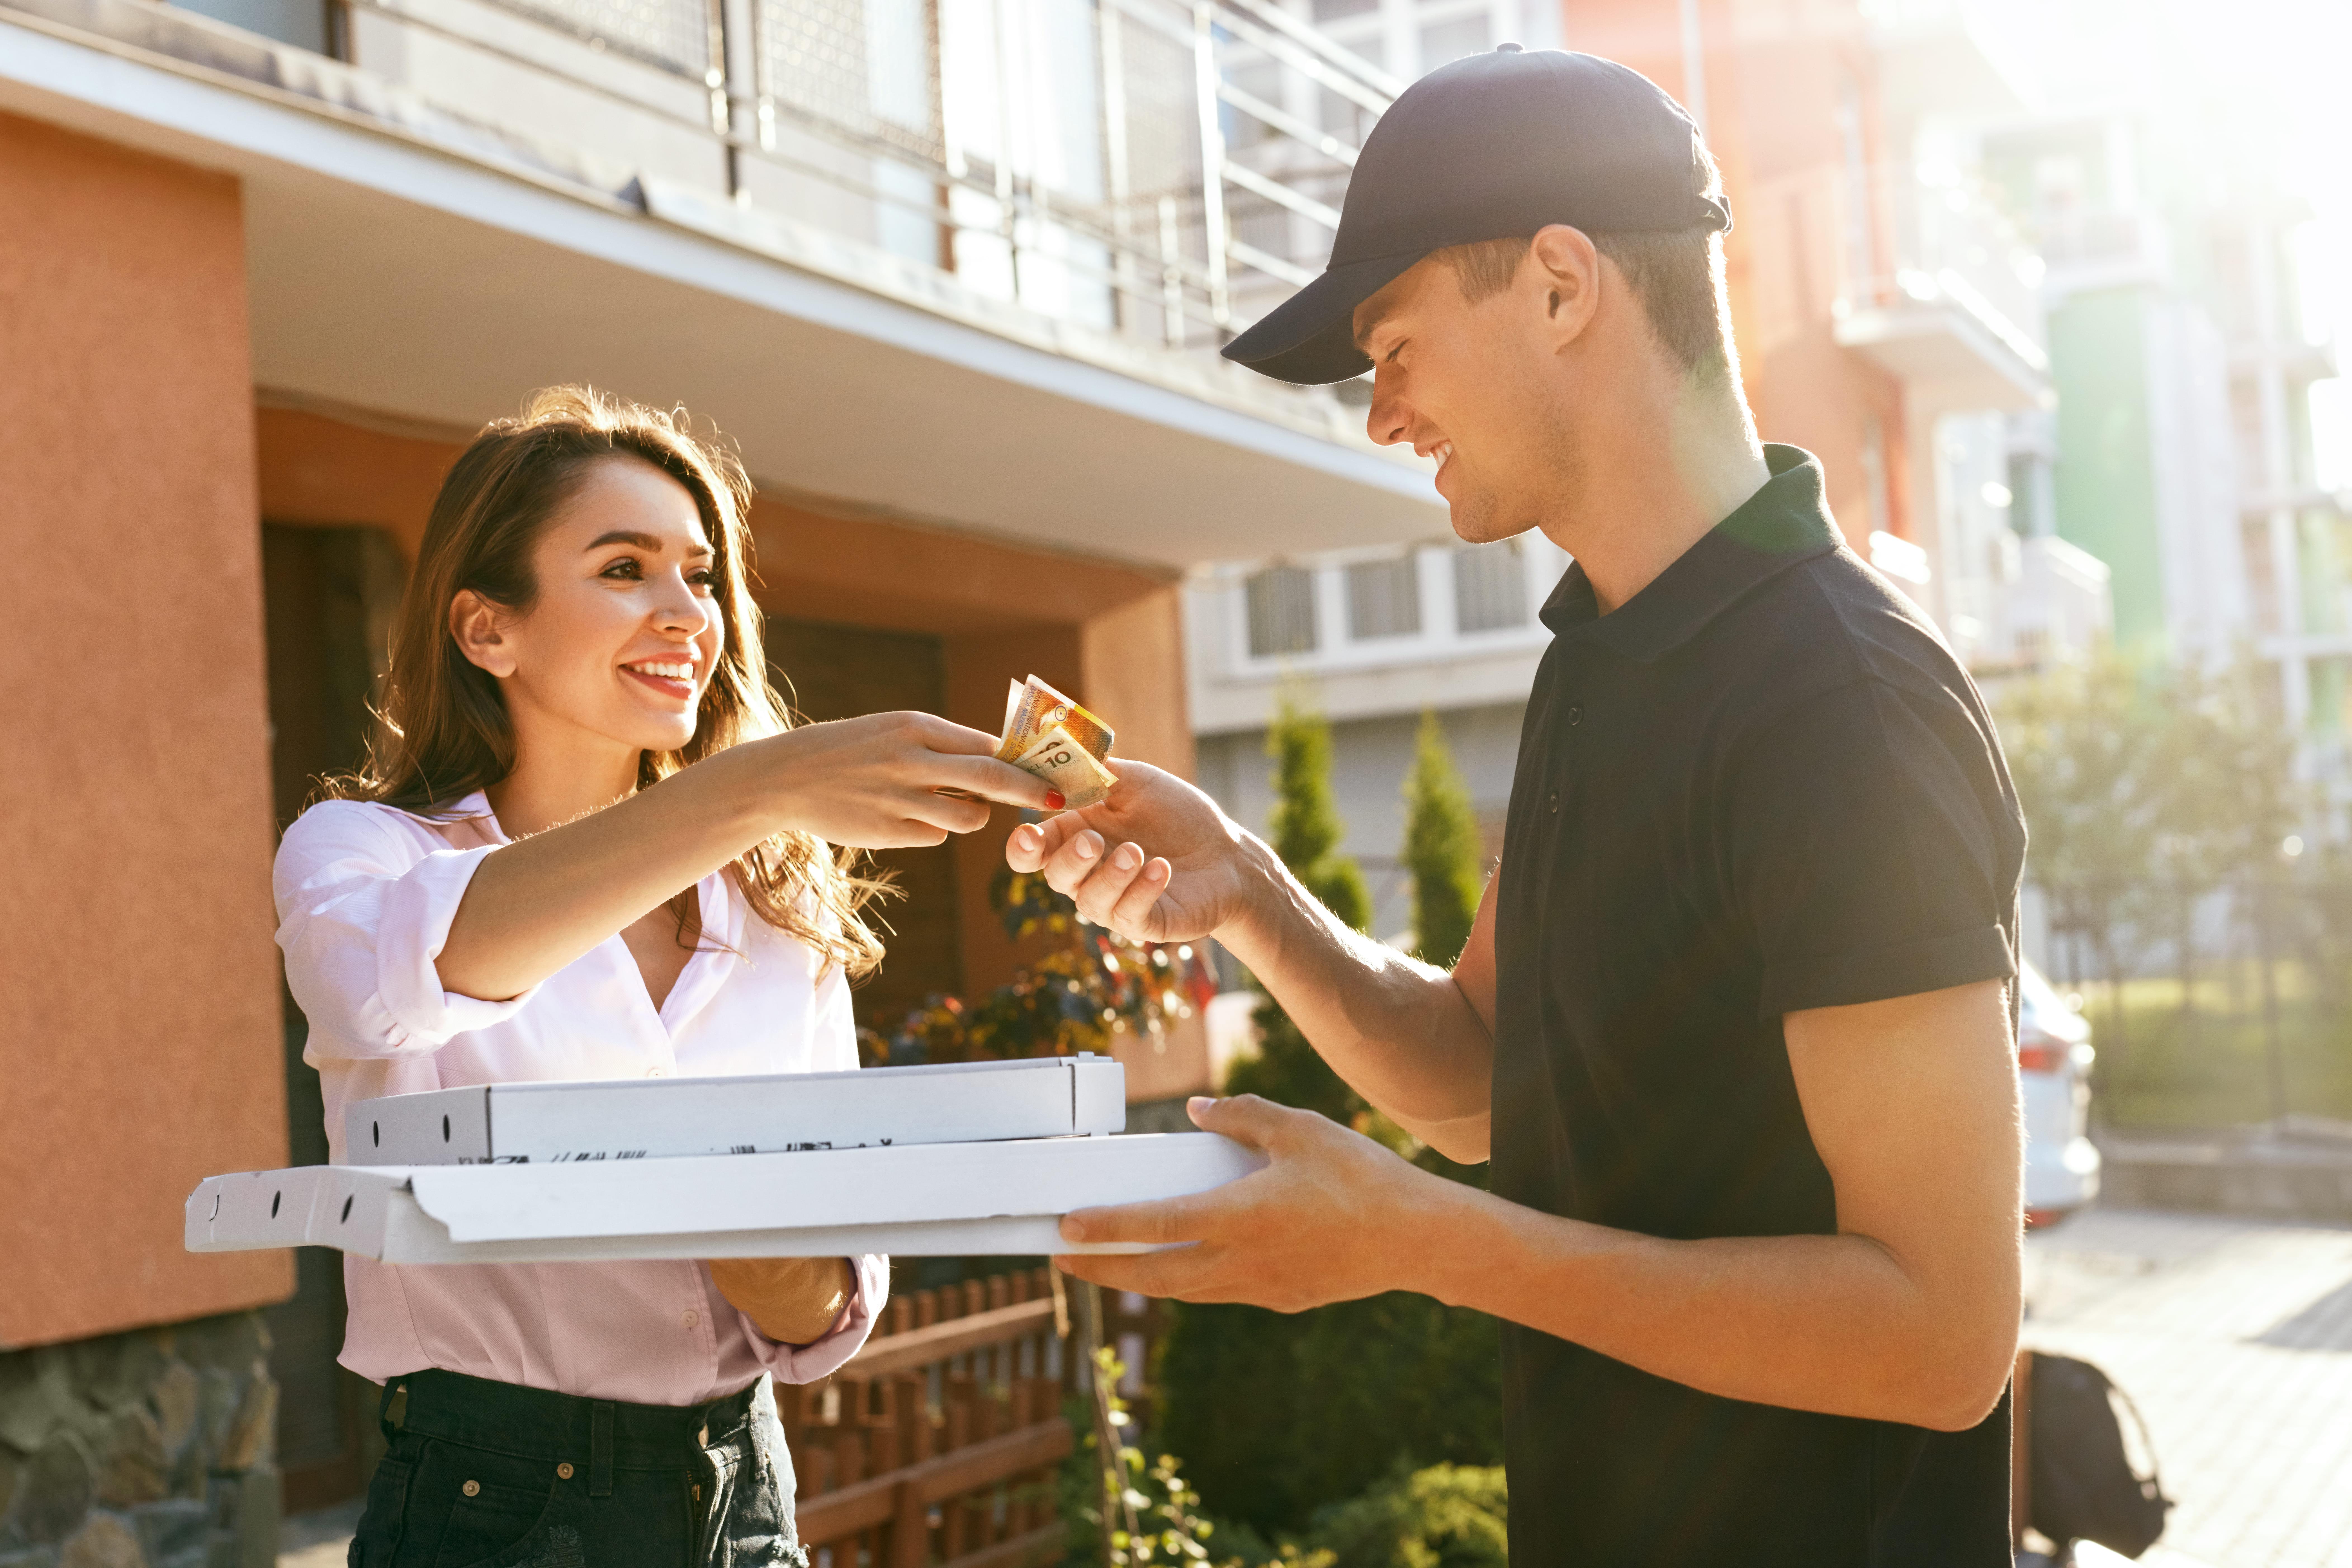 Como Diminuir o Tempo de Entrega do Seu Delivery com Tecnologia